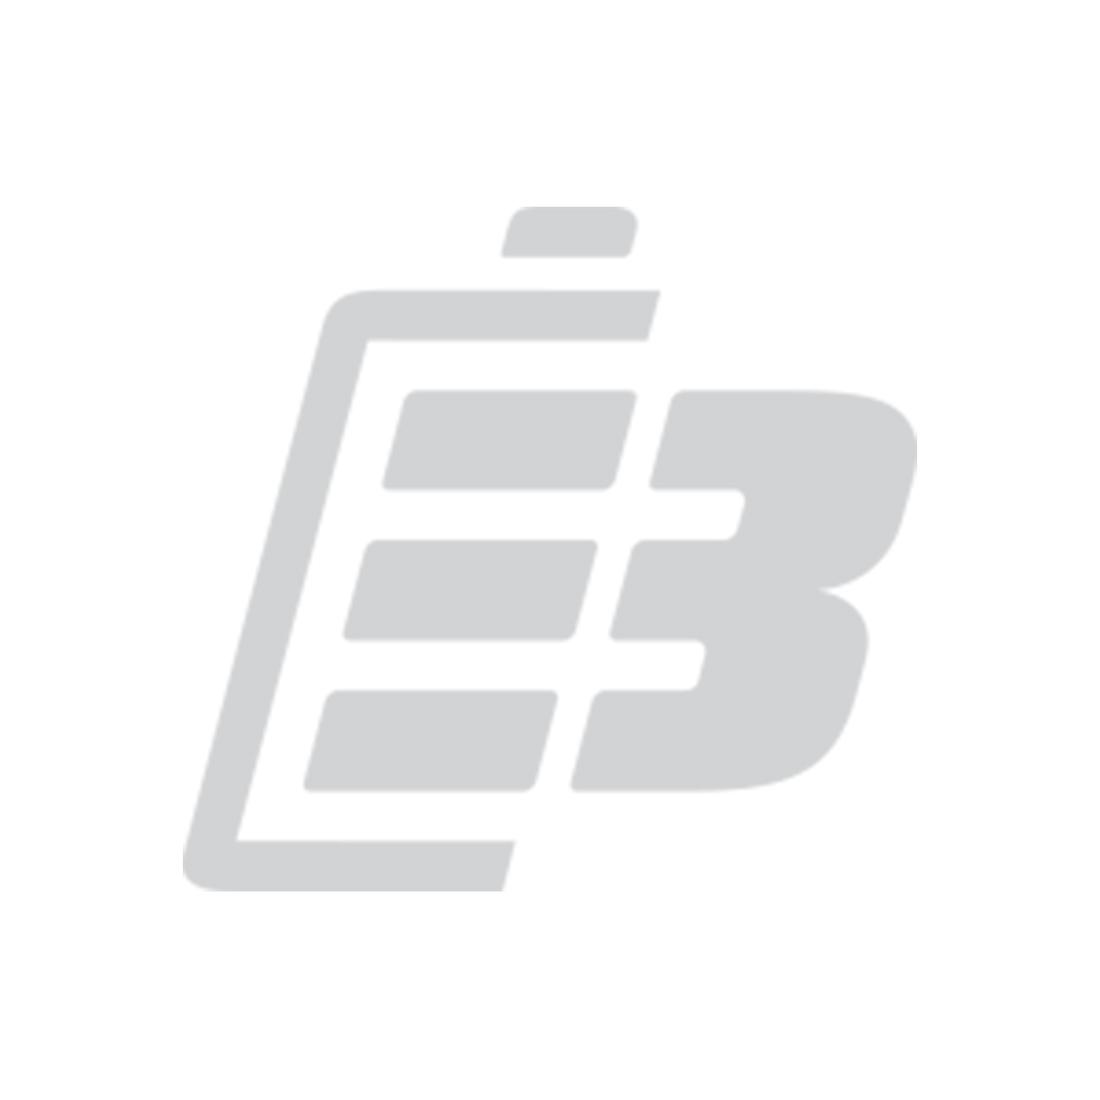 Τροφοδοτικό Laptop για Apple 16.5V 60W MagSafe2_1